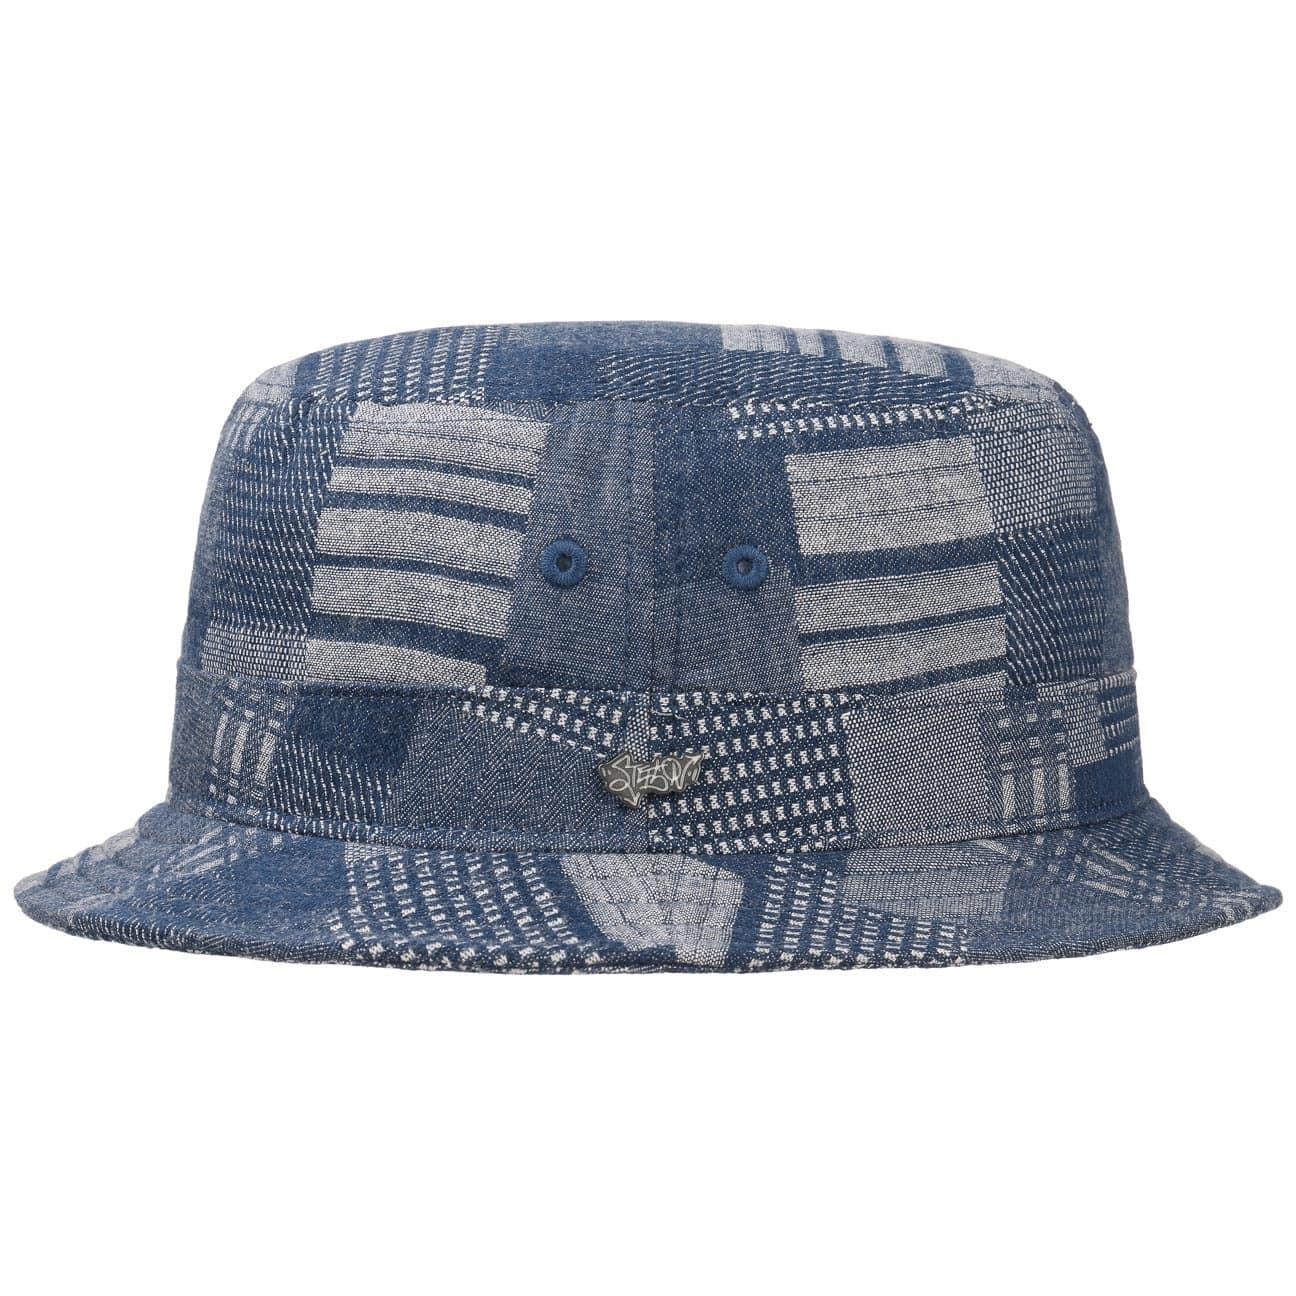 denim-patchwork-bucket-hat-by-stetson-hut